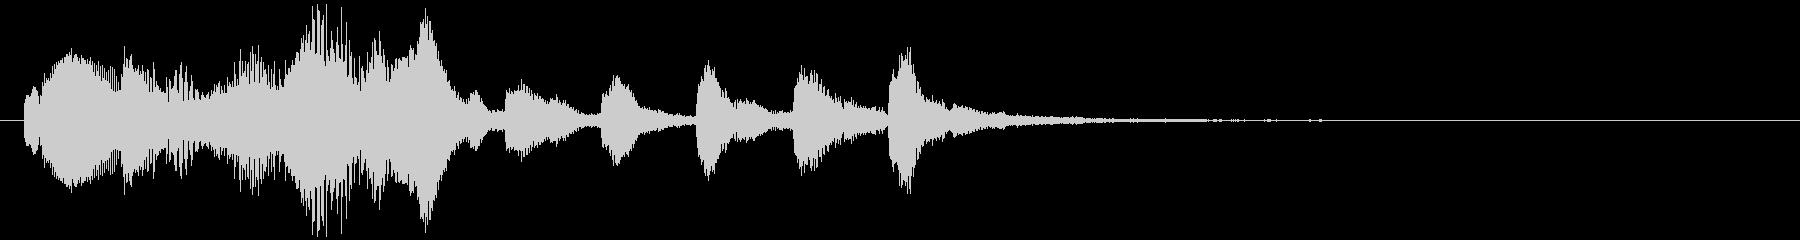 のほほんジングル032_おっとり+3の未再生の波形